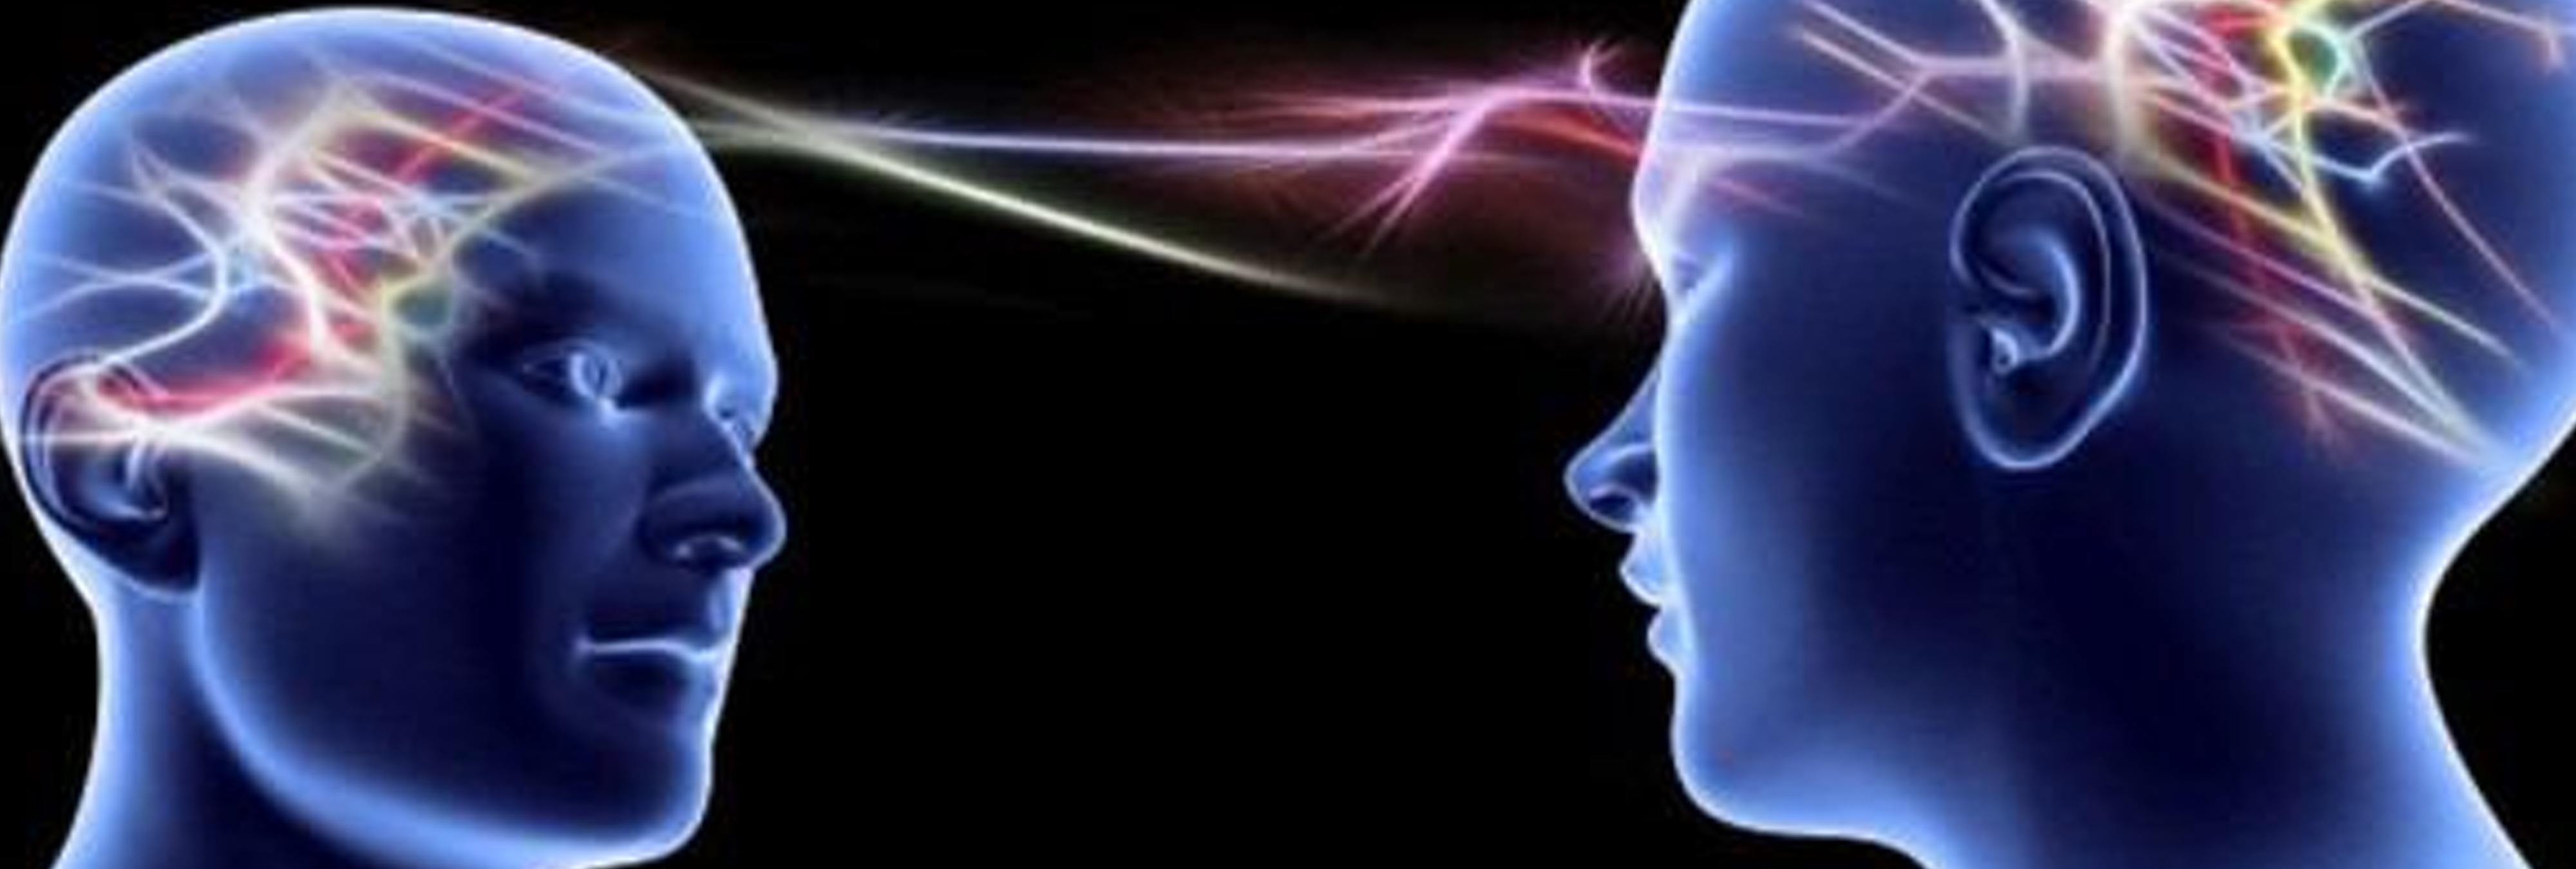 Inventan la primera máquina capaz de leer la mente